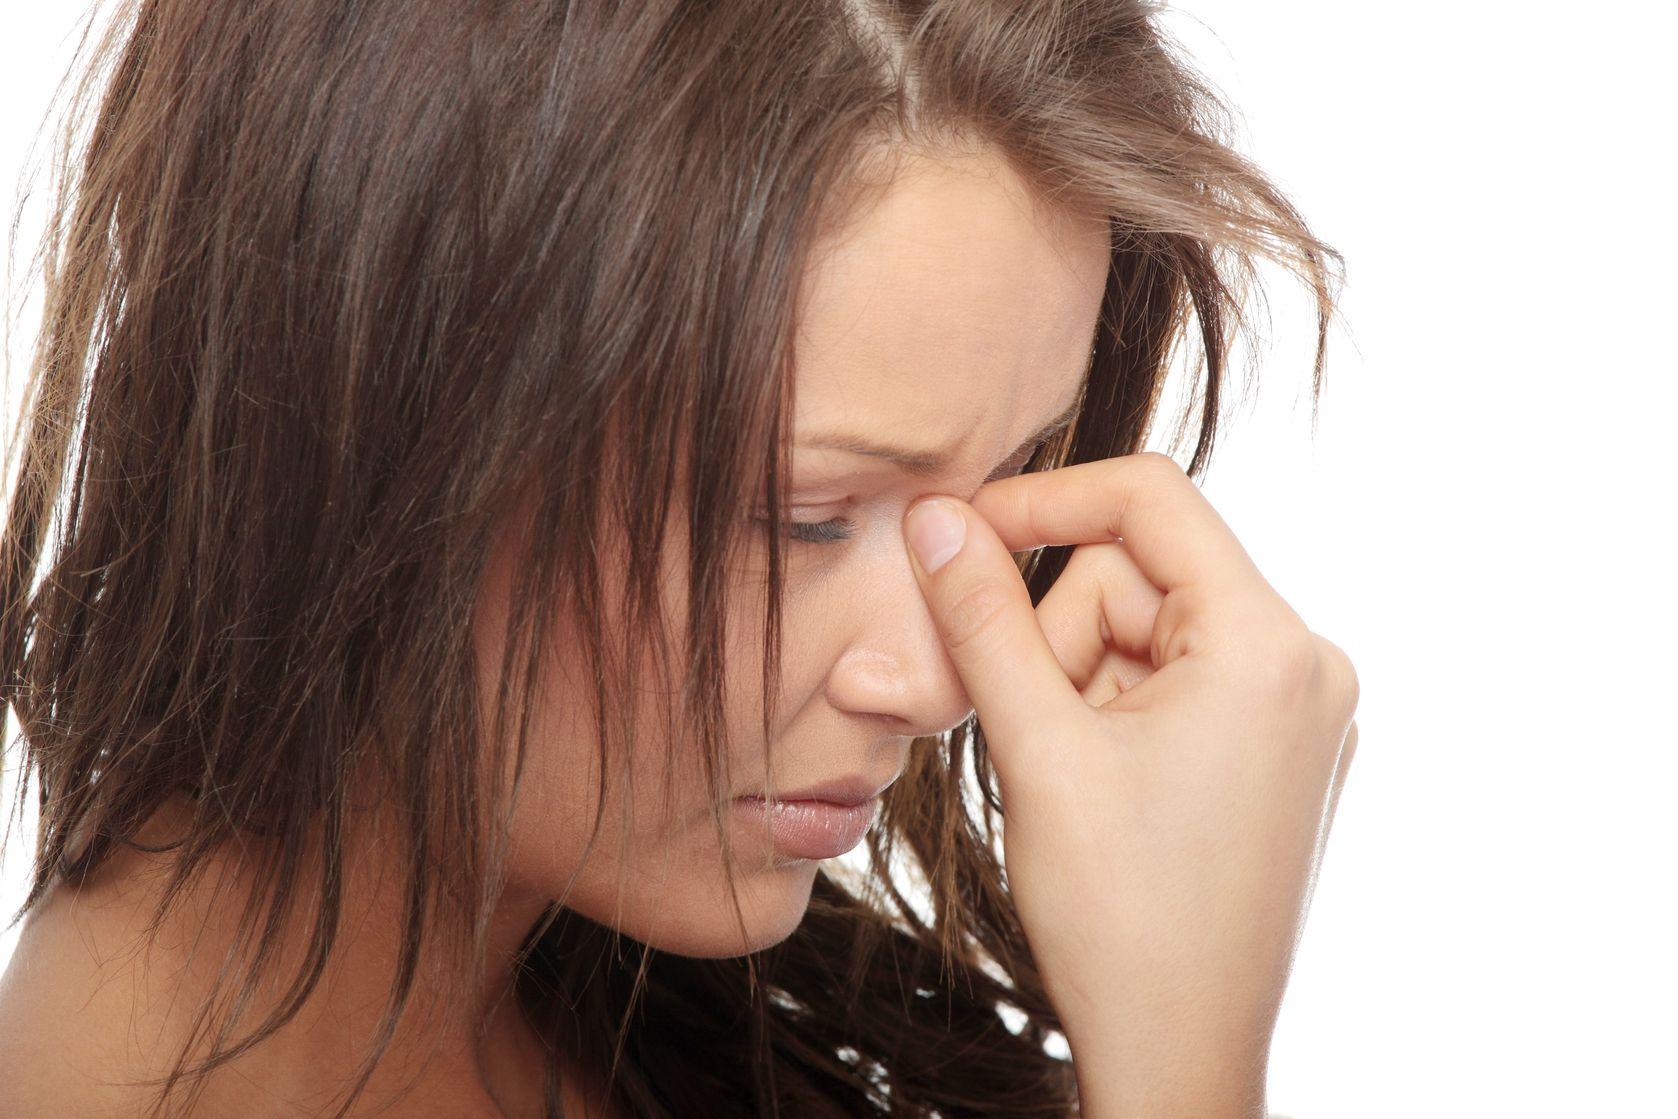 Si vous vous alimentez mal, vous risquez de souffrir d'un besoin en vitamine. Aprrenez à détecter les symptômes d'une carence dans cet article.